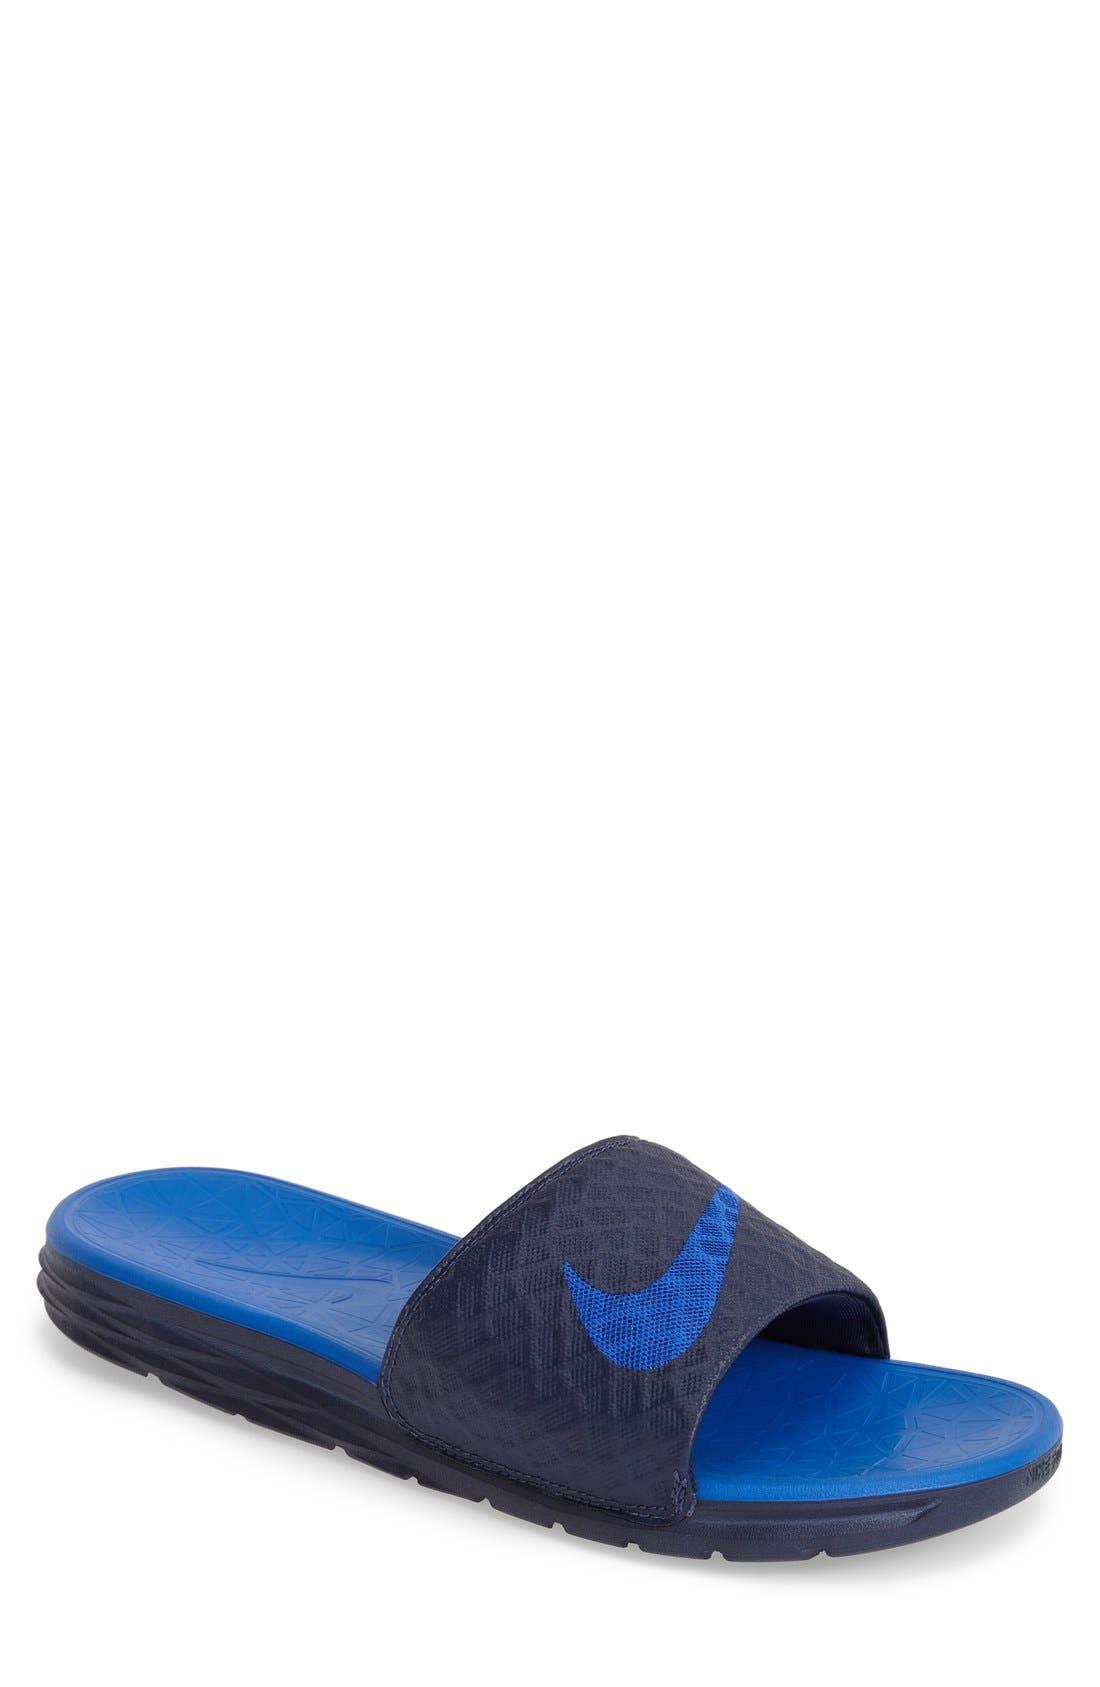 Main Image - Nike 'Benassi Solarsoft 2' Slide Sandal (Men)